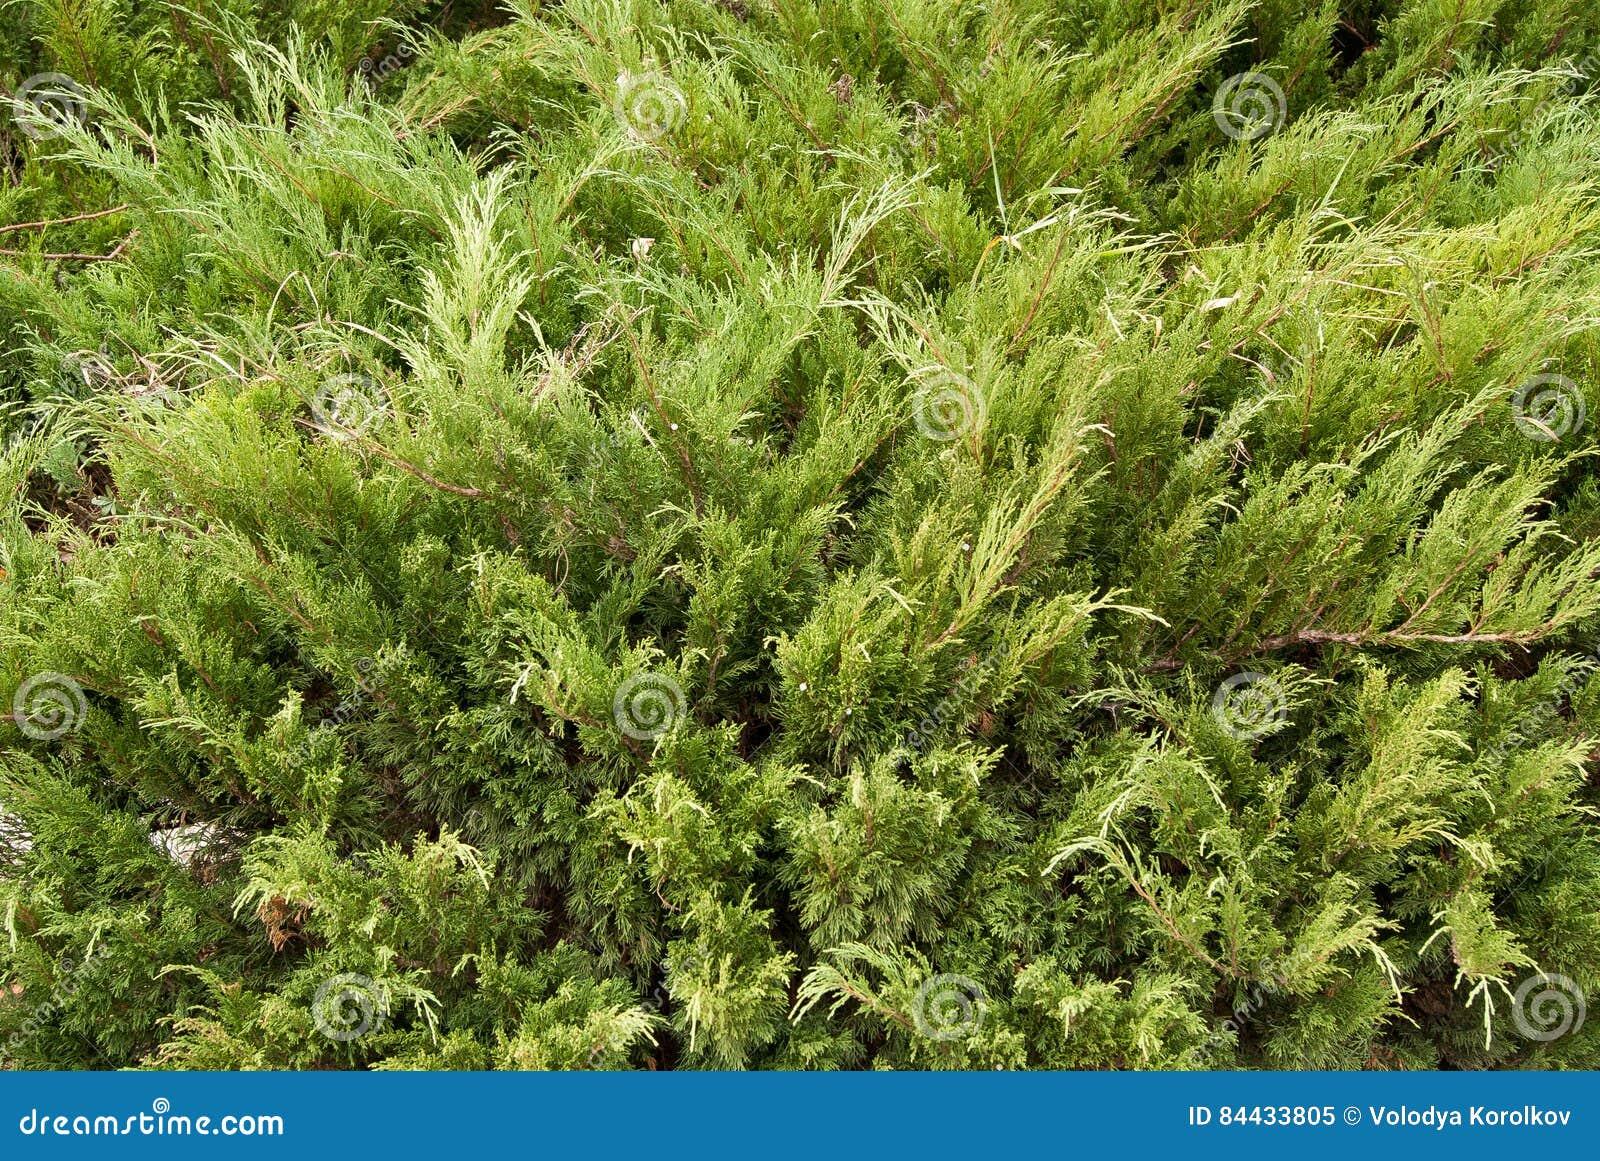 juniperus comp